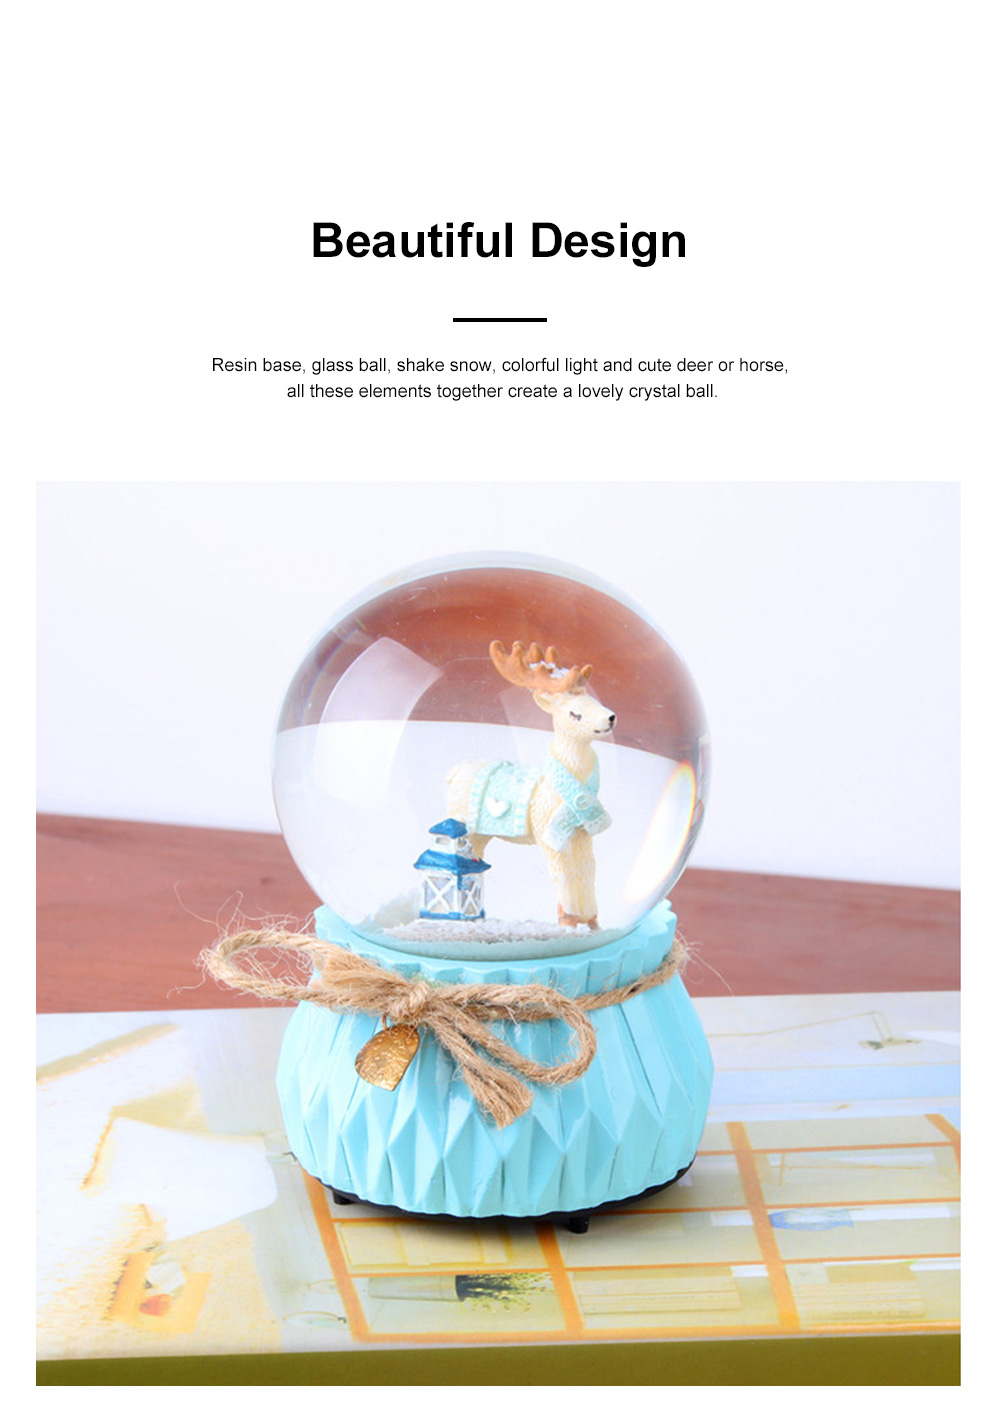 Deer Crystal Ball Rotating Musical Box Resin Base Snowflake Craft Ball for Birthday Gift Christmas Decoration 3